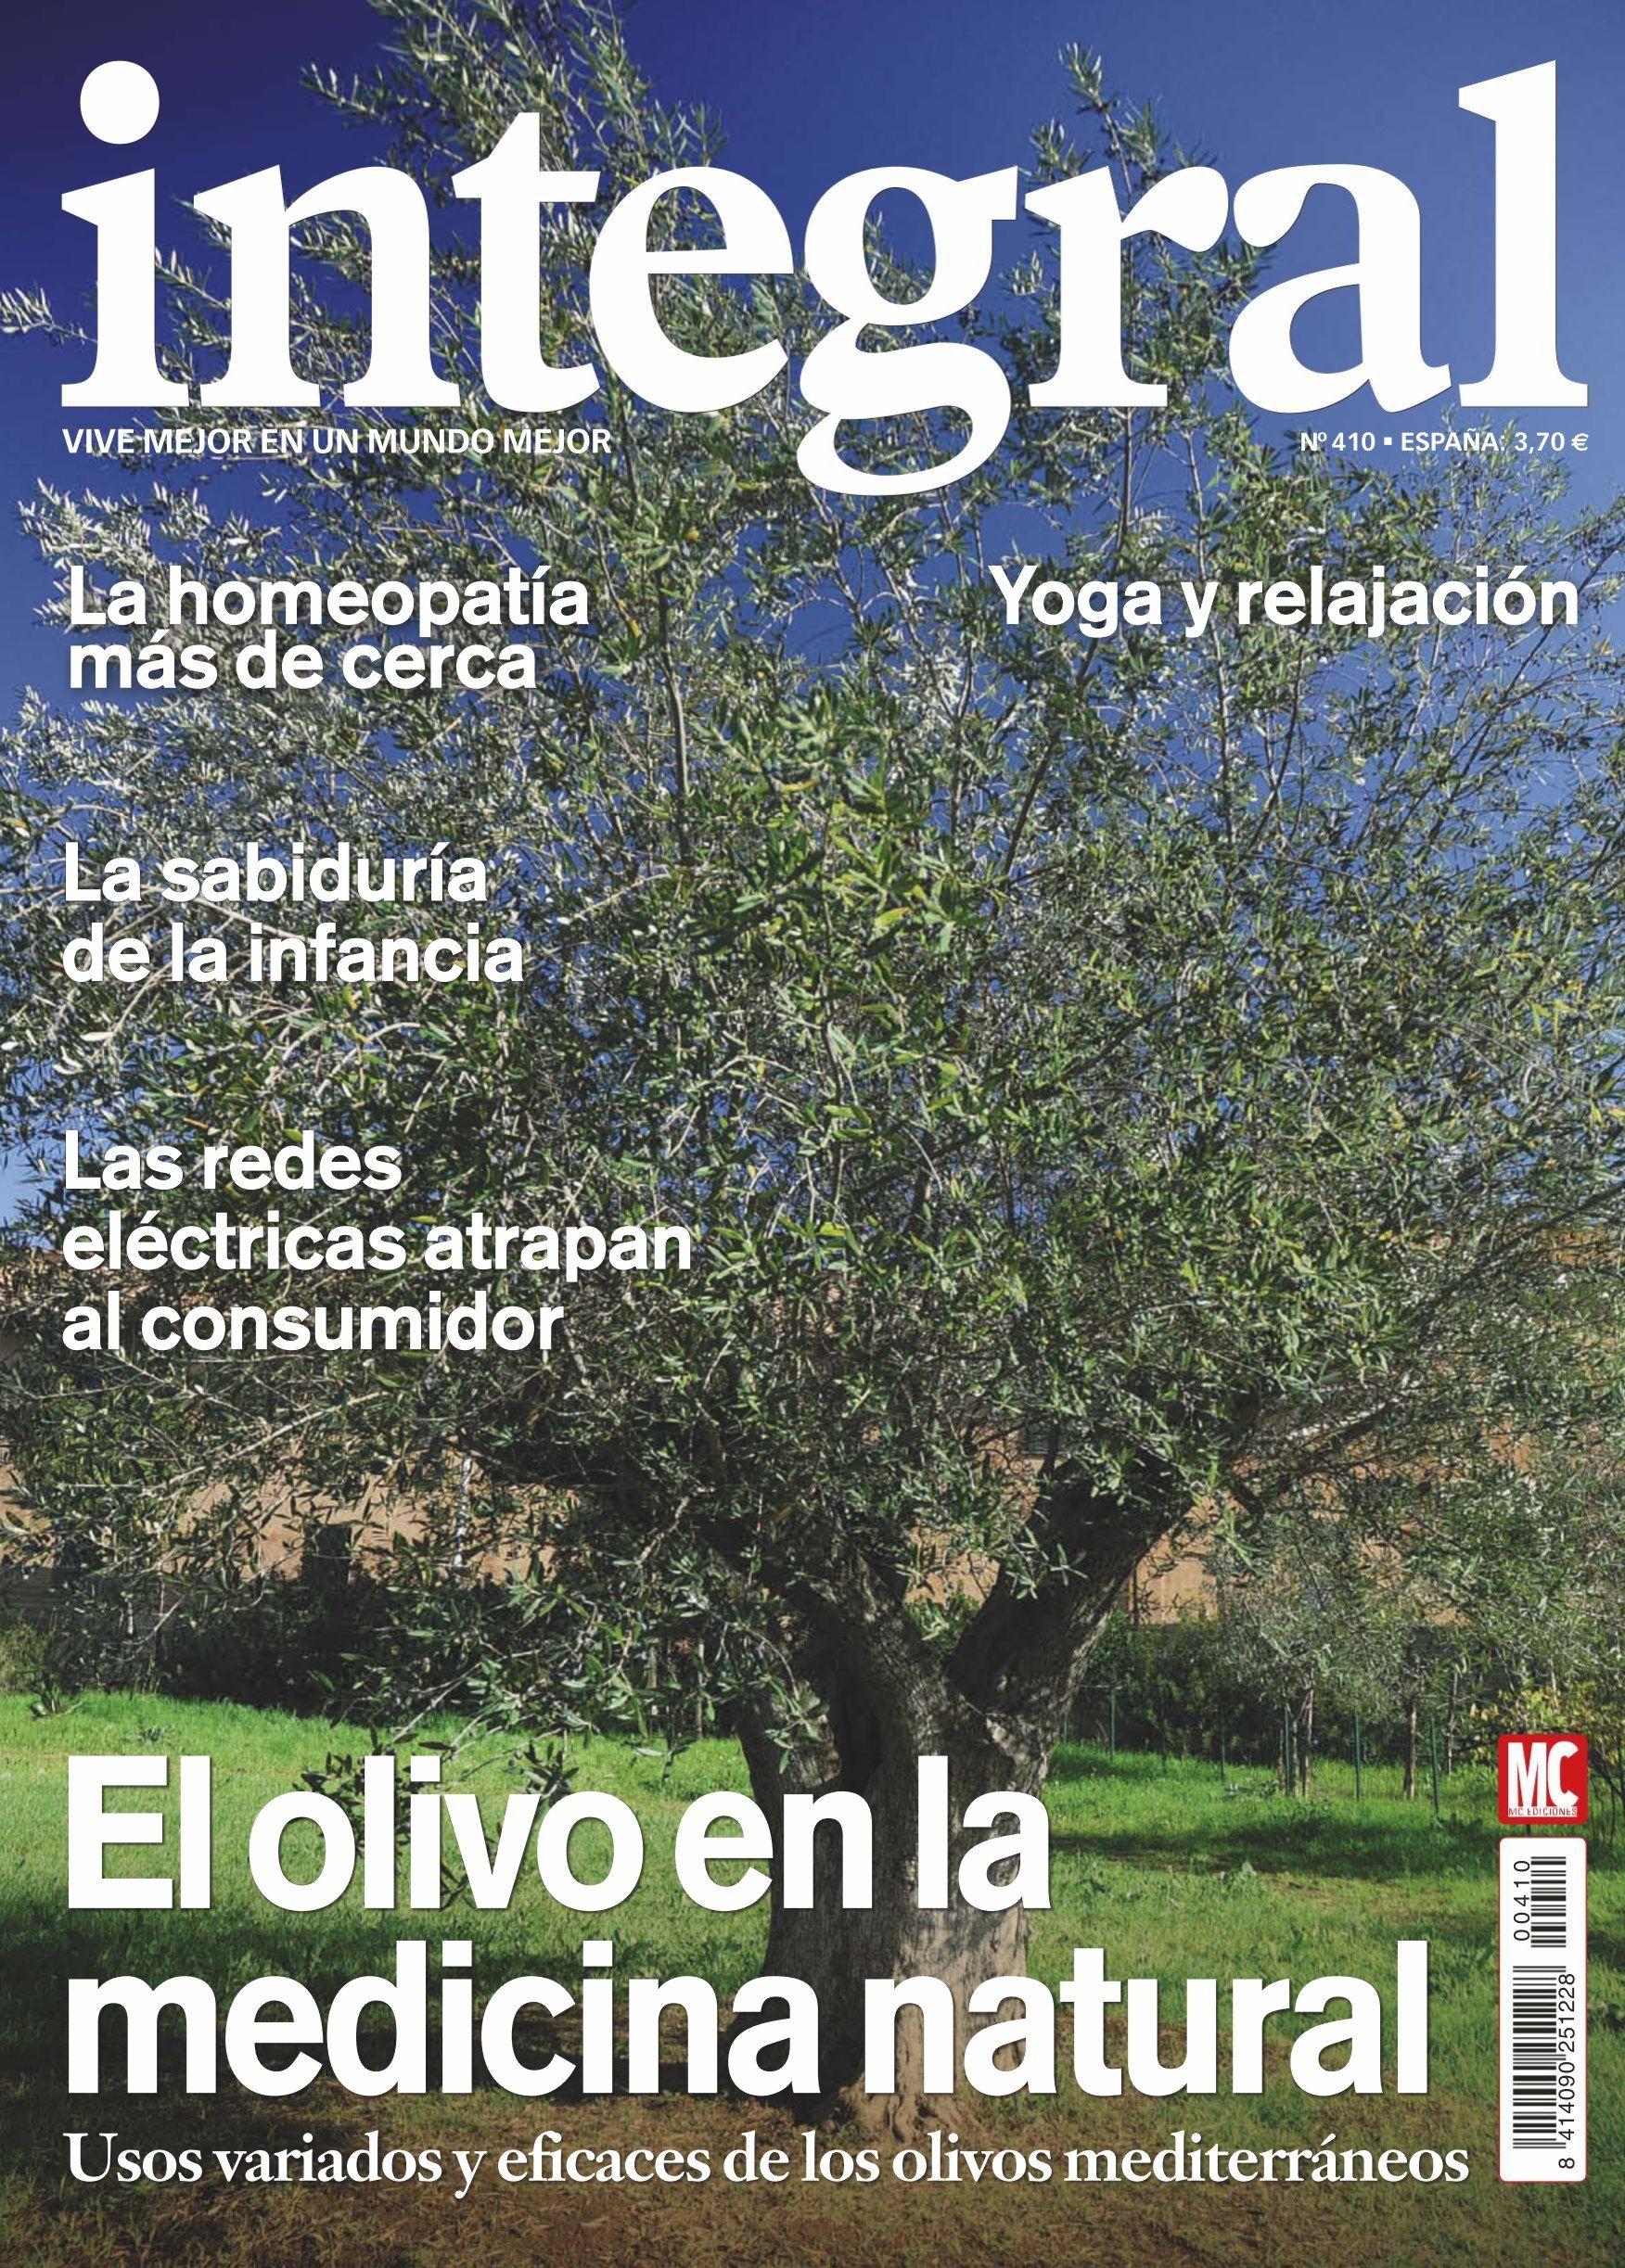 Revista #INTEGRAL 410. #Yoga y #relajación. El #olivo de la #medicinanatural. #Homeopatía más de cerca.